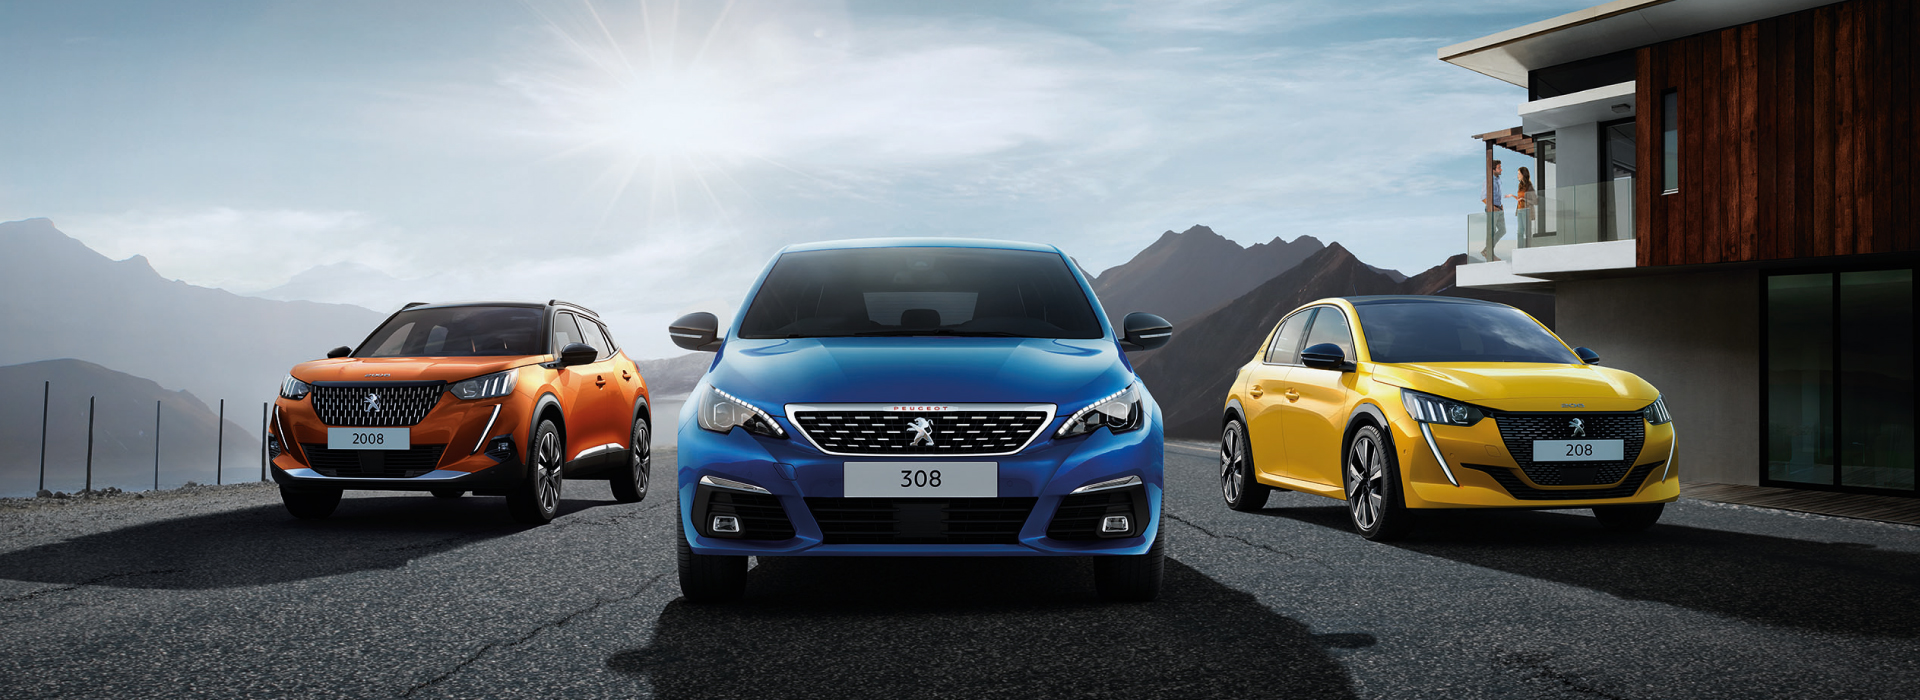 novos automóveis Peugeot